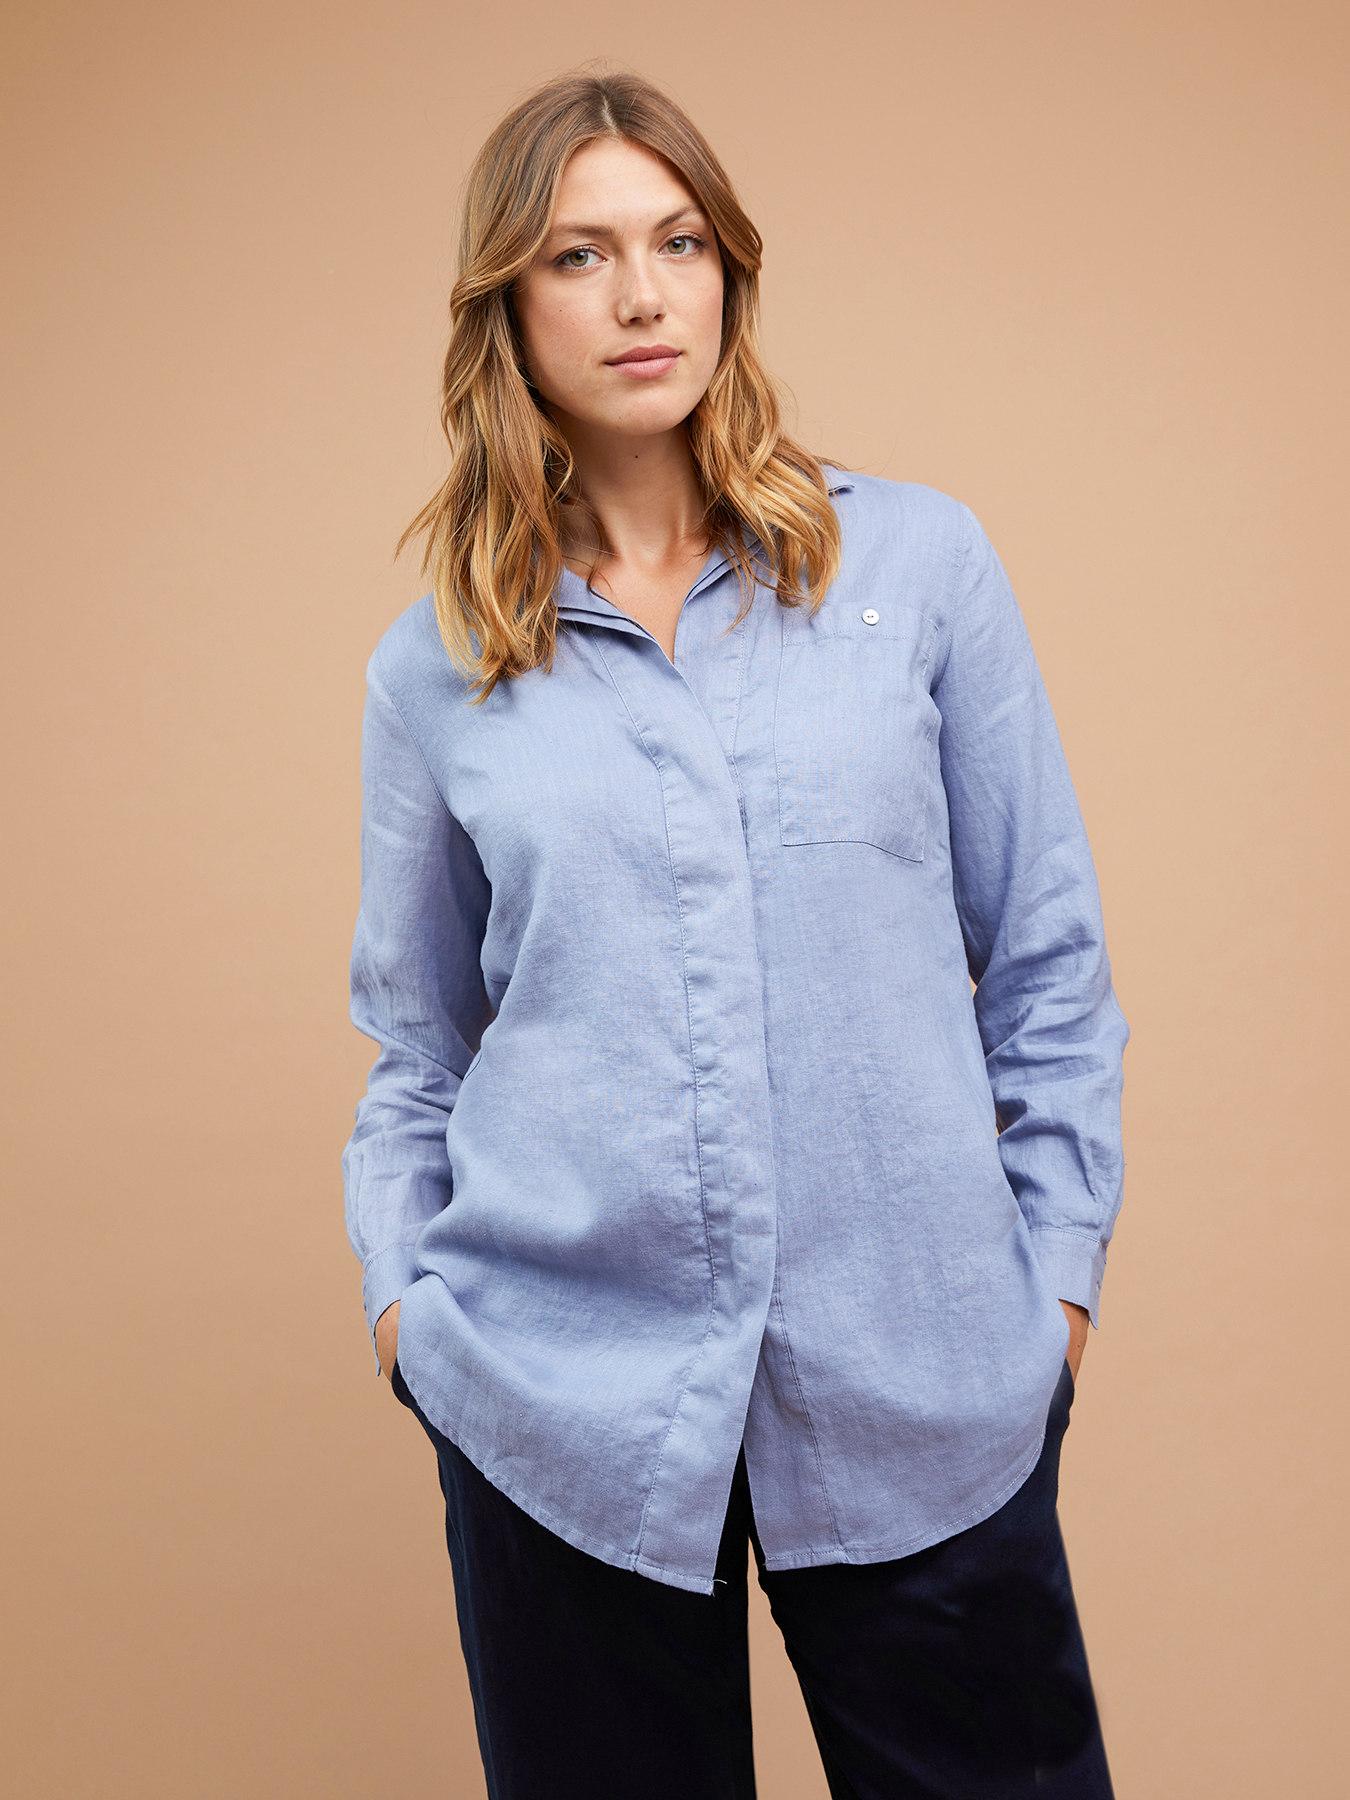 lowest price e386b 34e55 Camicia ampia in lino - Fiorella Rubino - FR